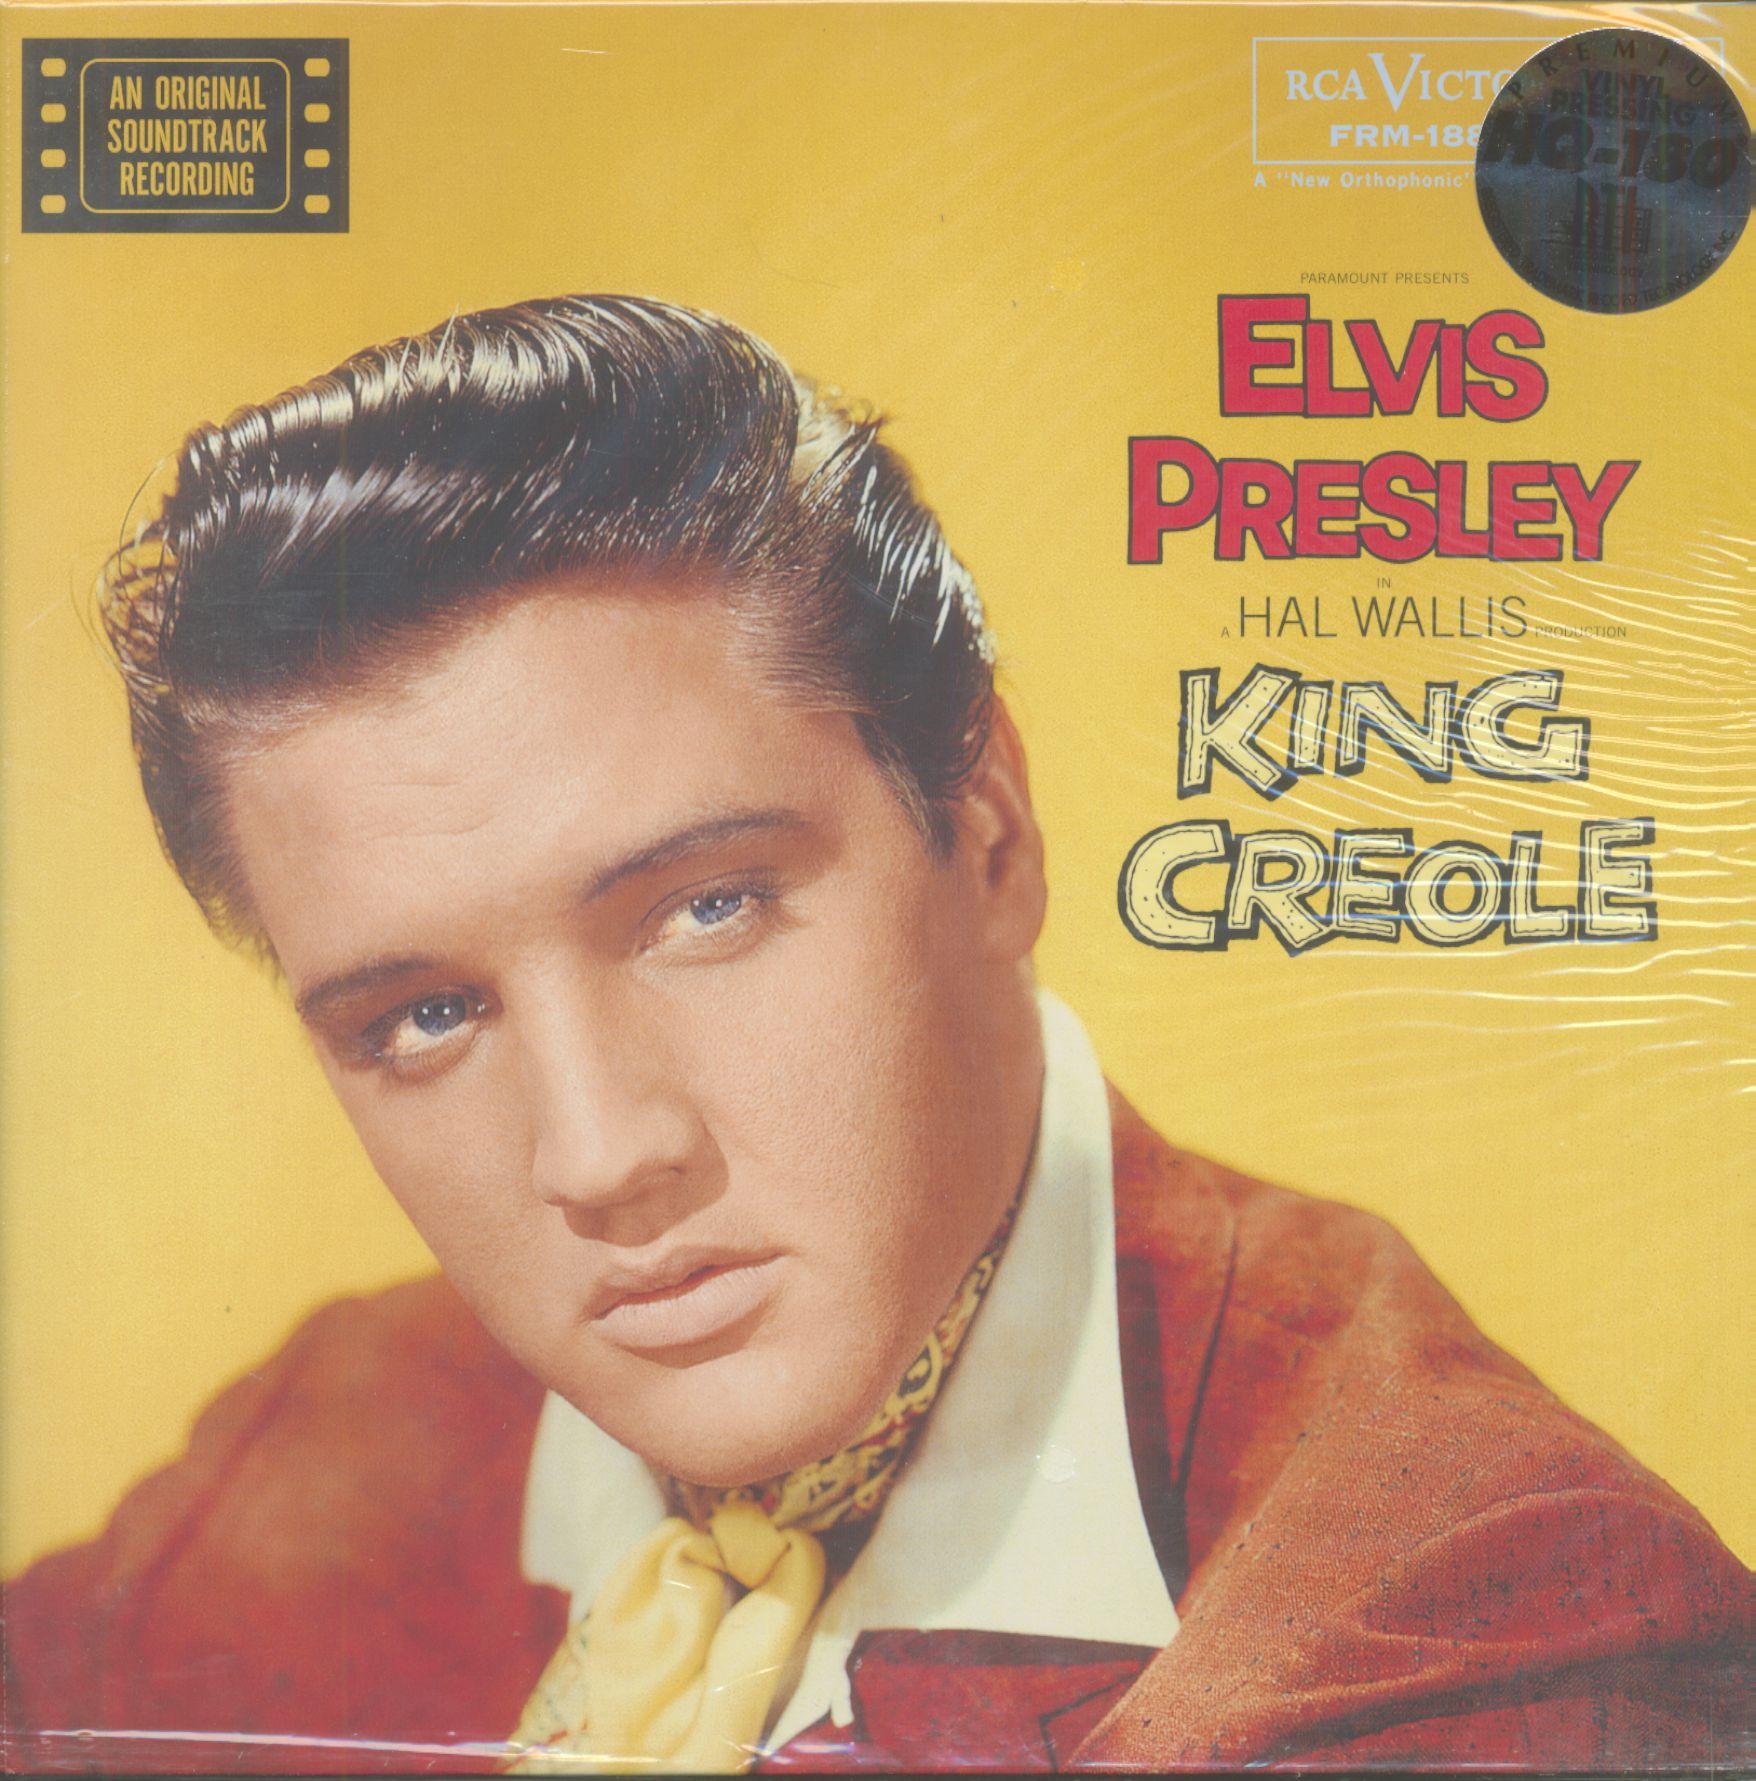 6d83de3067e Elvis Presley LP  King Creole - An Original Soundtrack Recording (LP ...